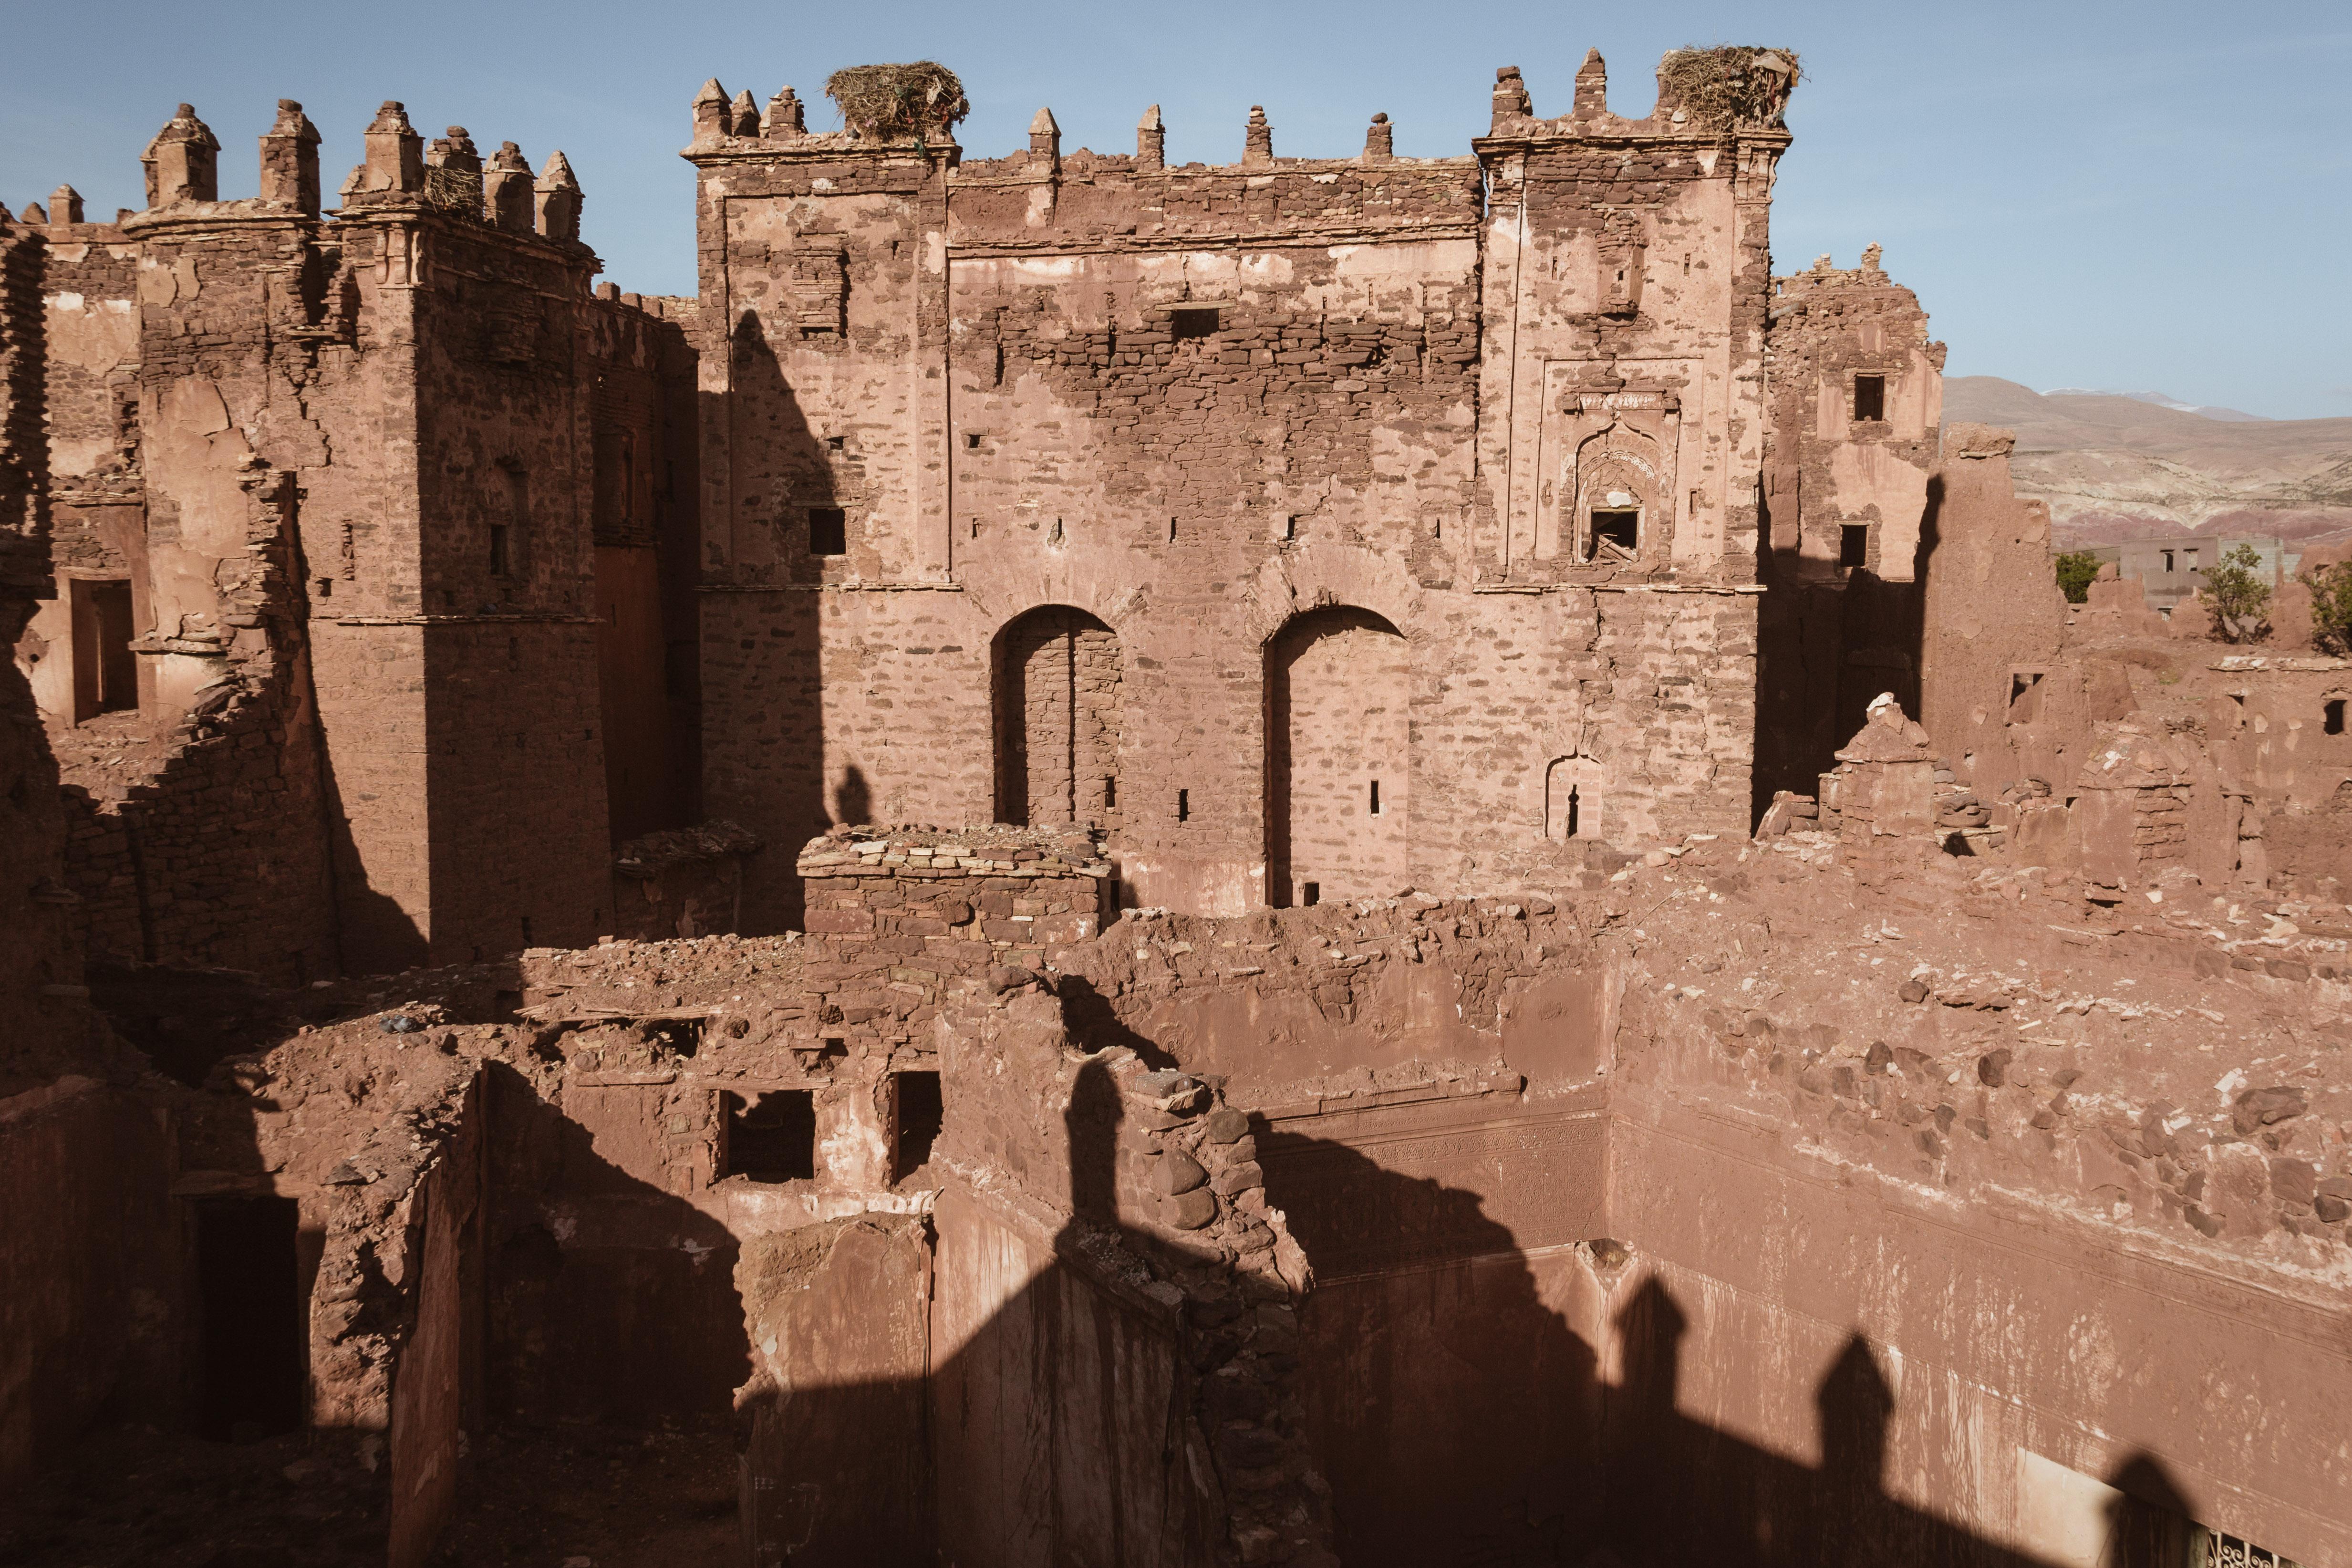 Le ruines de la Kasbah Telouet au Maroc.